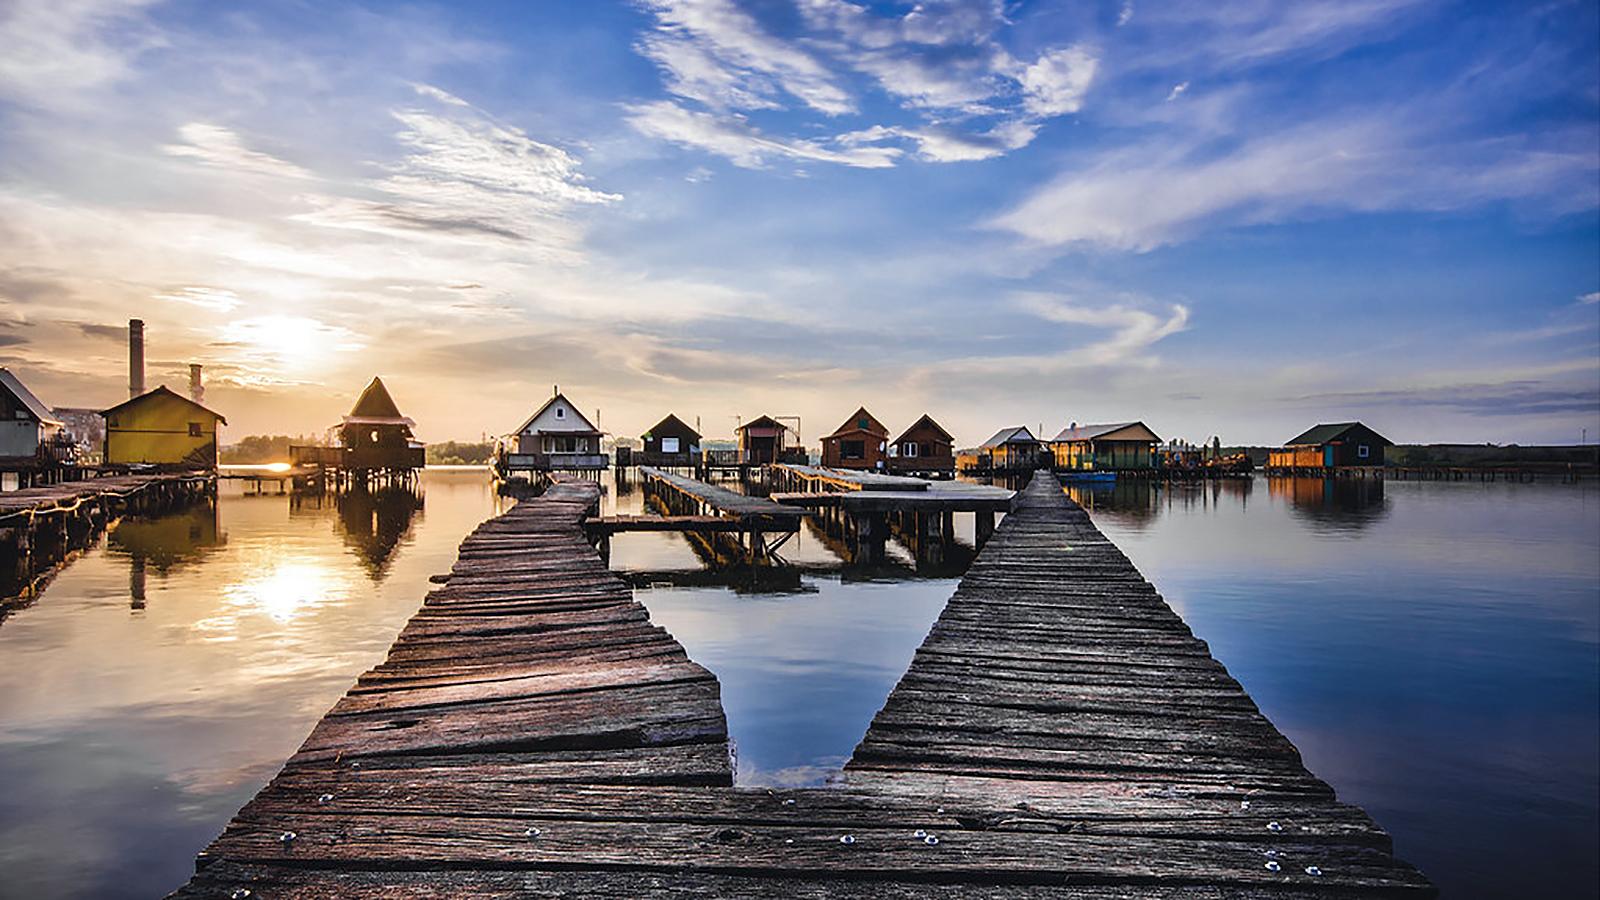 Bokodi-tó - 5+1 helyszín, amit fel kell fedezned a fényképezőgépeddel! - NEXTFOTO